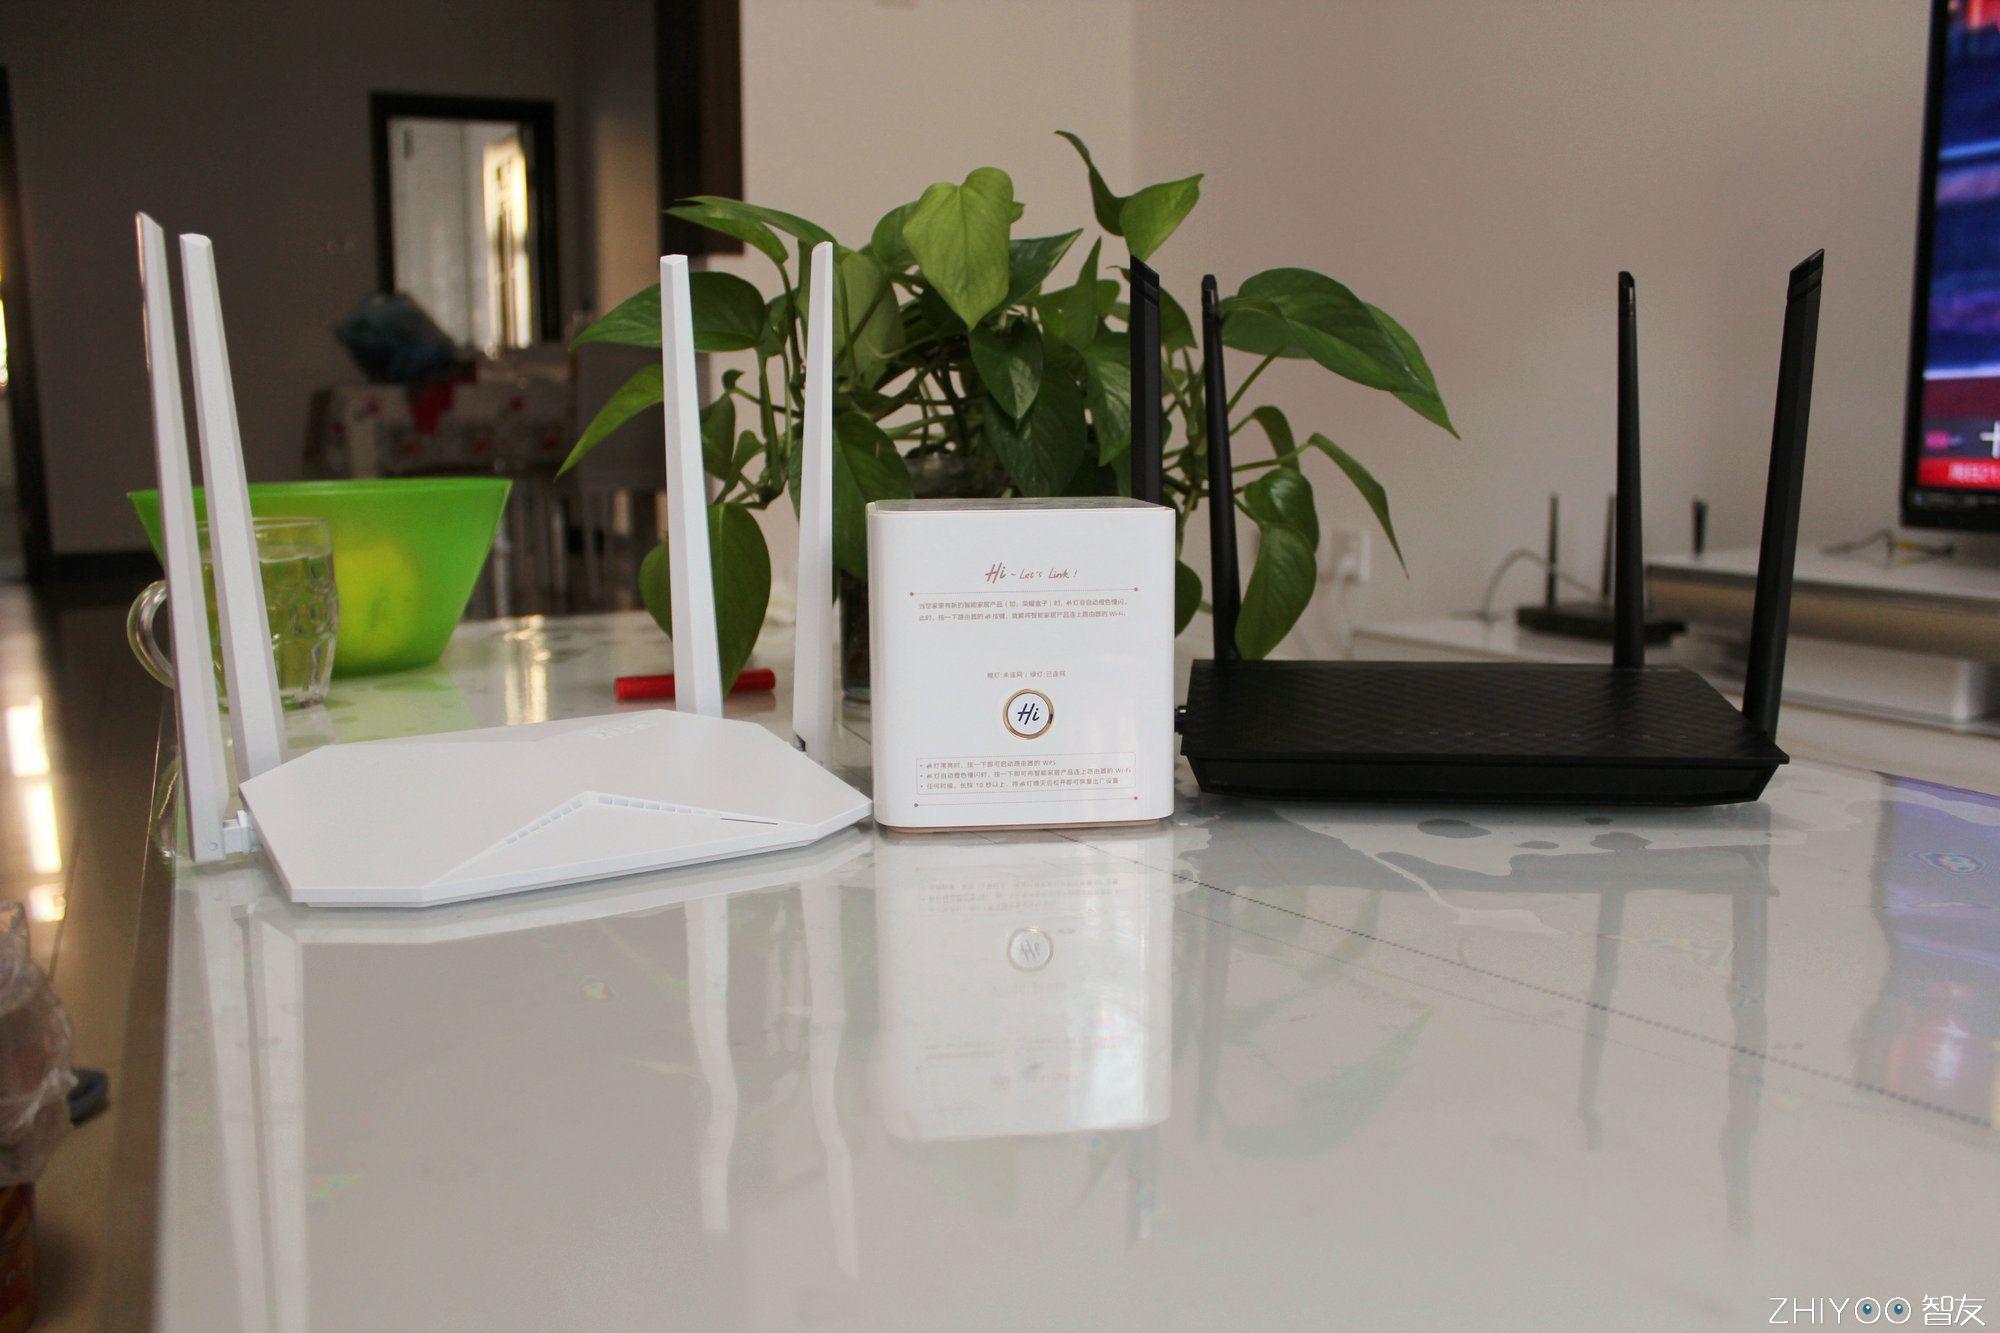 [智能硬件] 家用路由器哪个强?华硕、华为、H3C三款AC1200路由对比